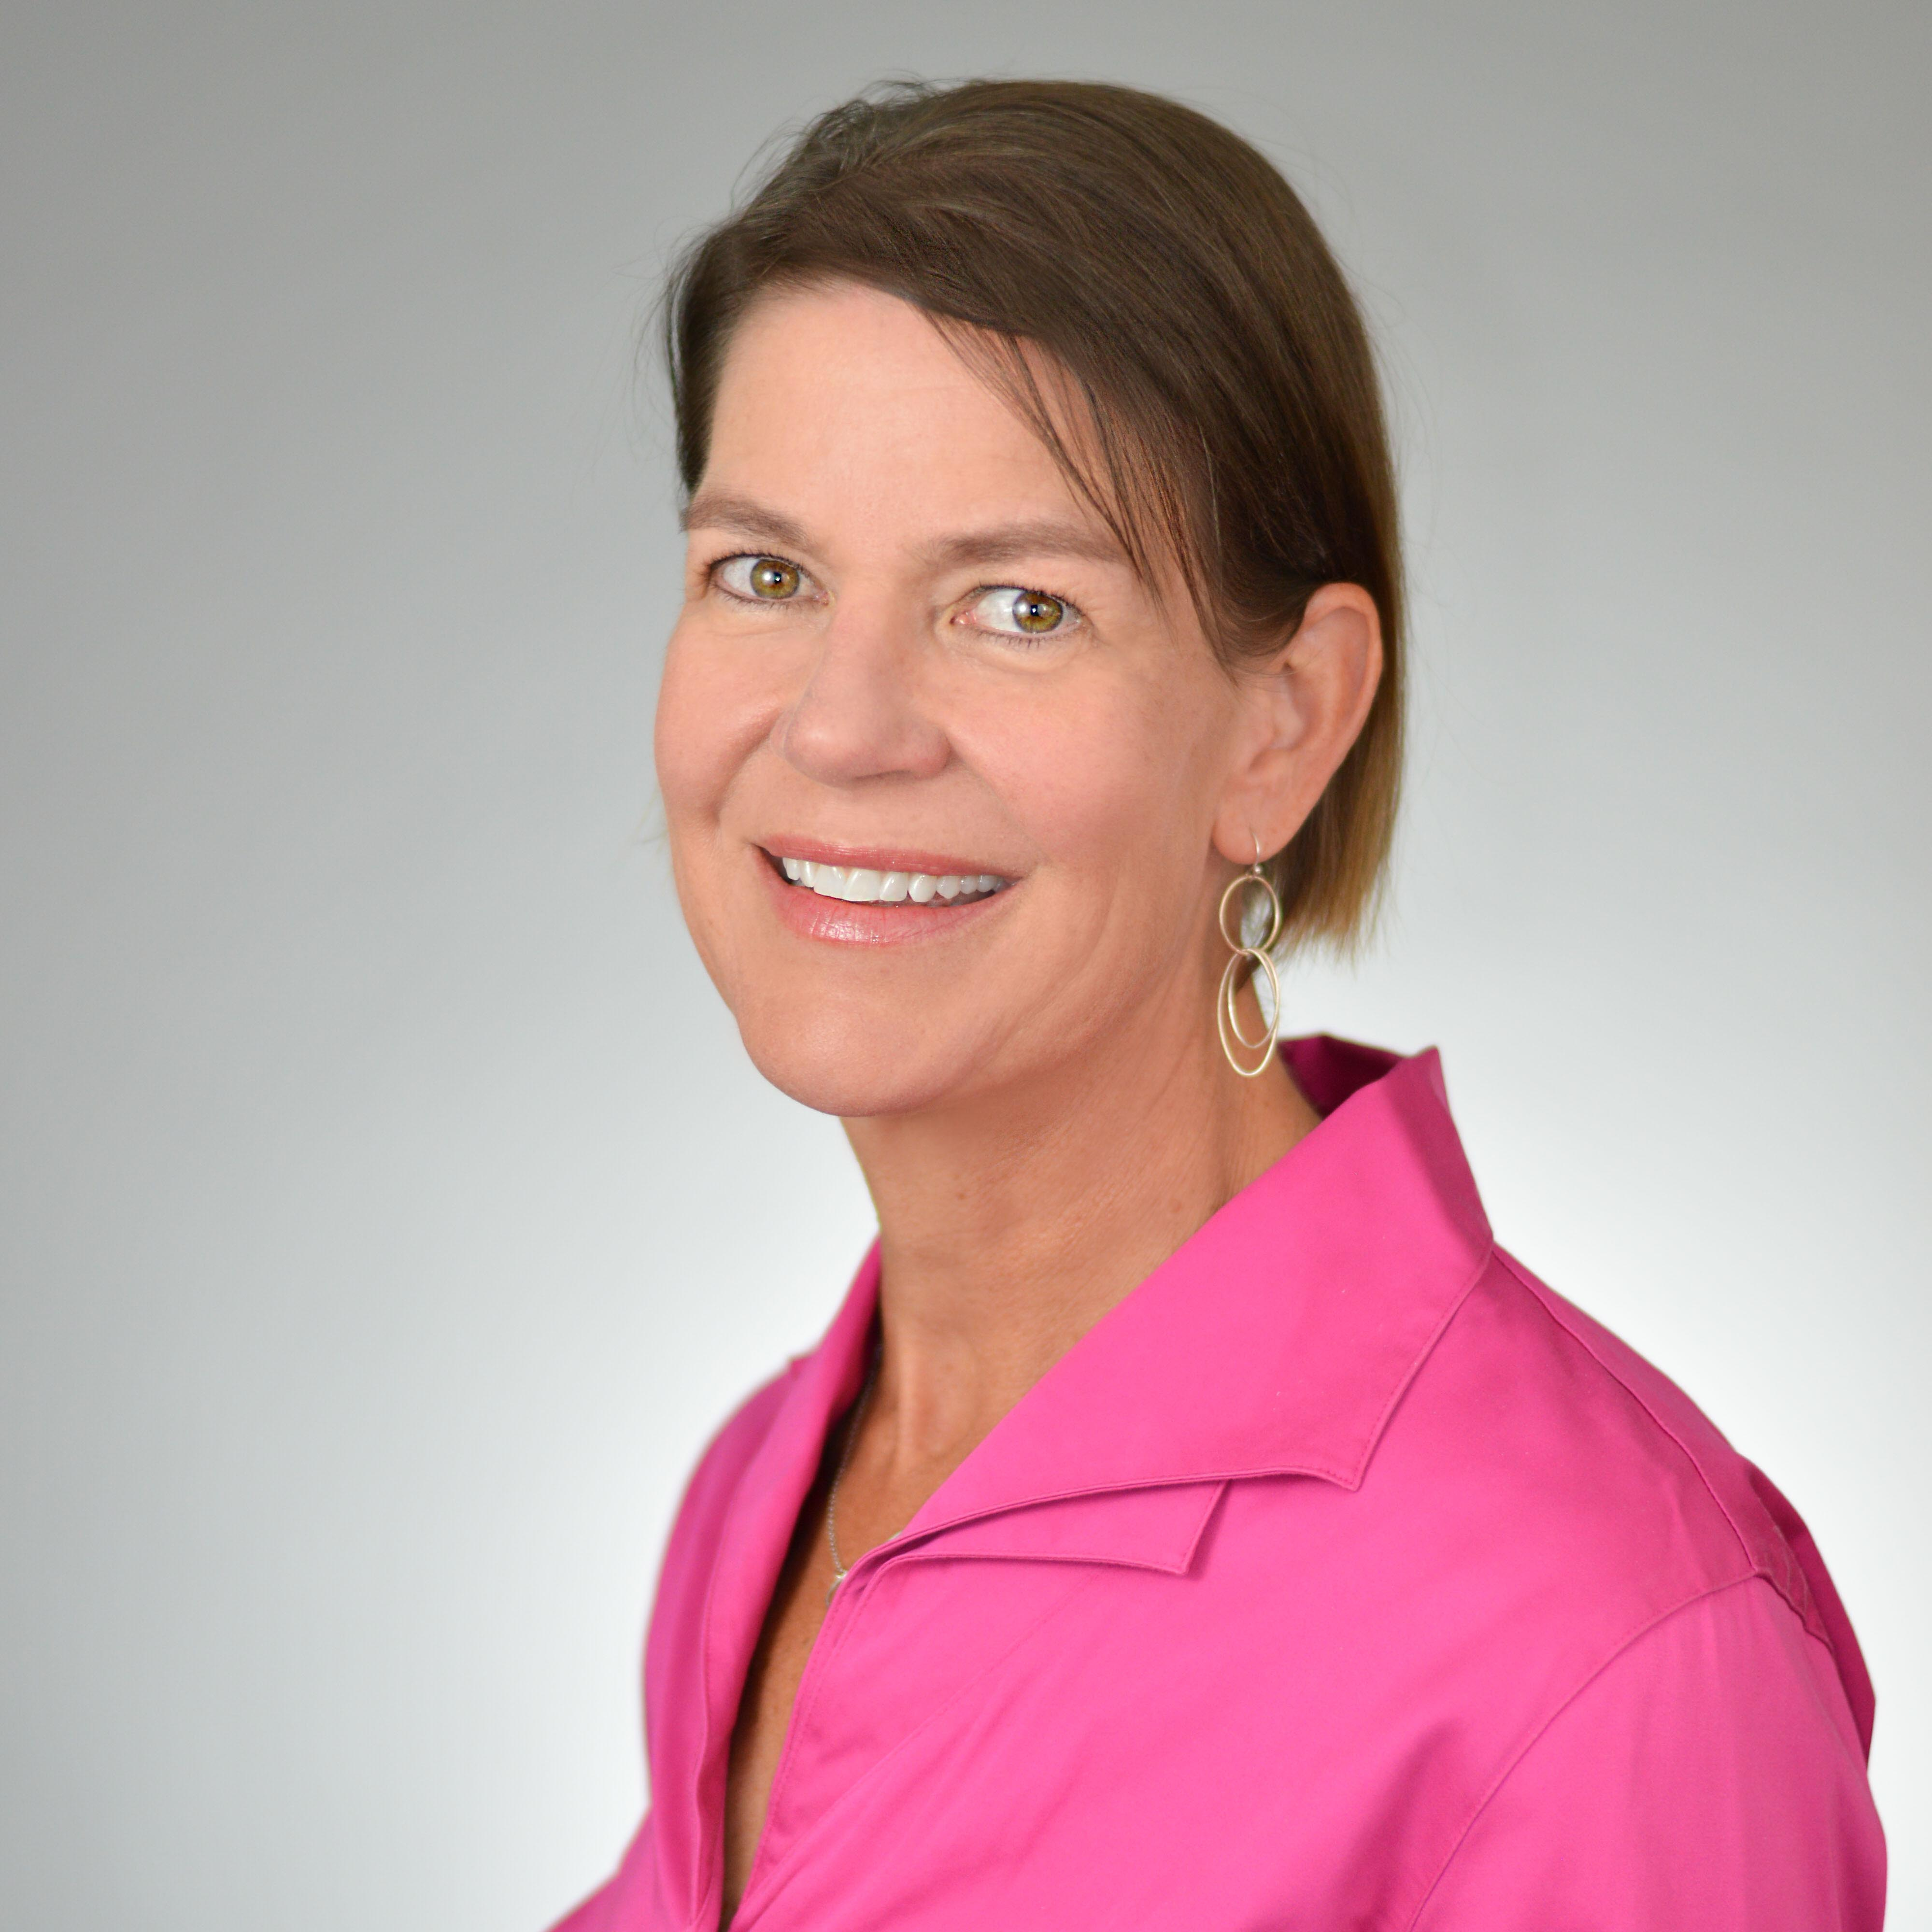 Ann Michelle